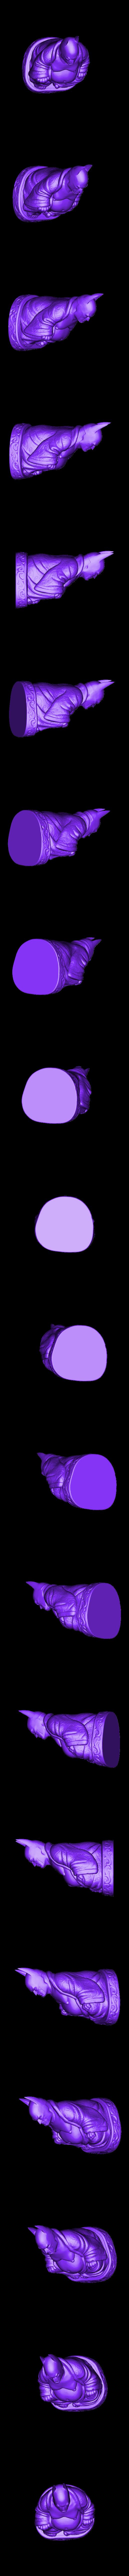 buddah_batman.stl Télécharger fichier STL gratuit Pop-Buddha • Design pour impression 3D, flavio12